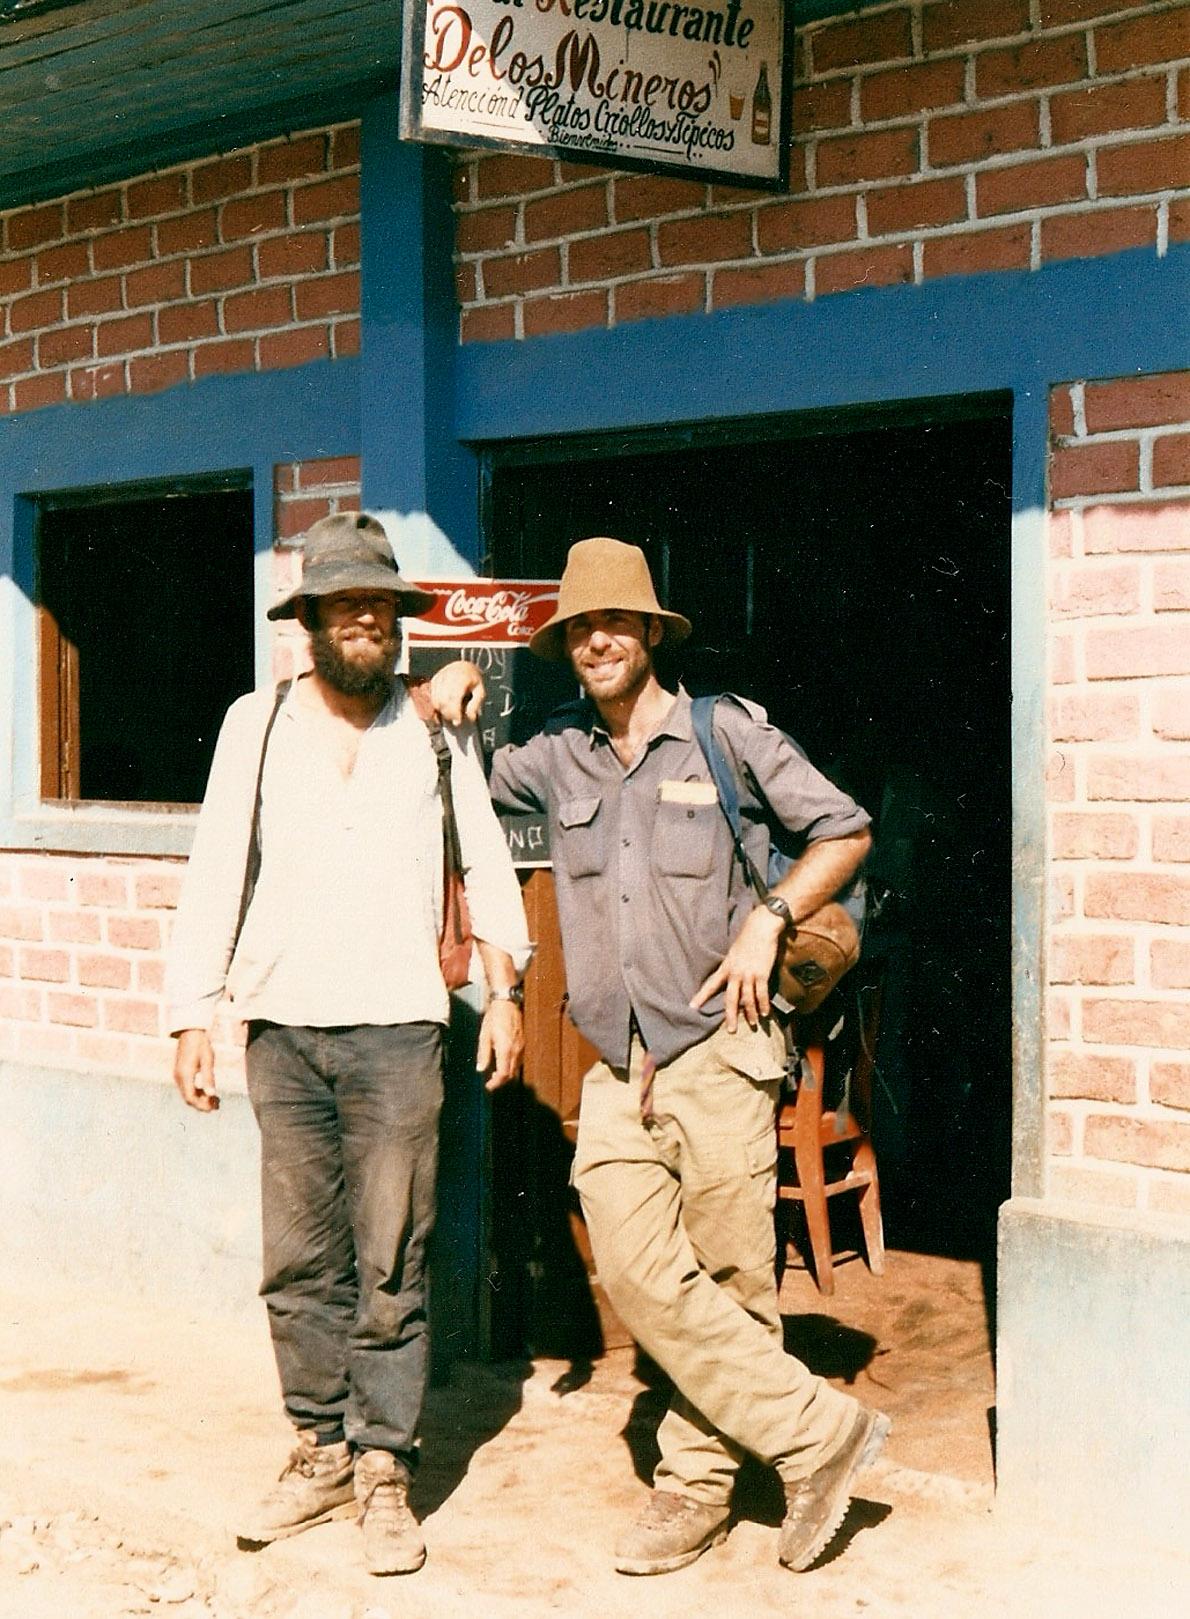 Με έναν Ολλανδό μετά μερικές μπύρες στο Puerto Maldonado. Φωτό Κ.Γκόφας 1988